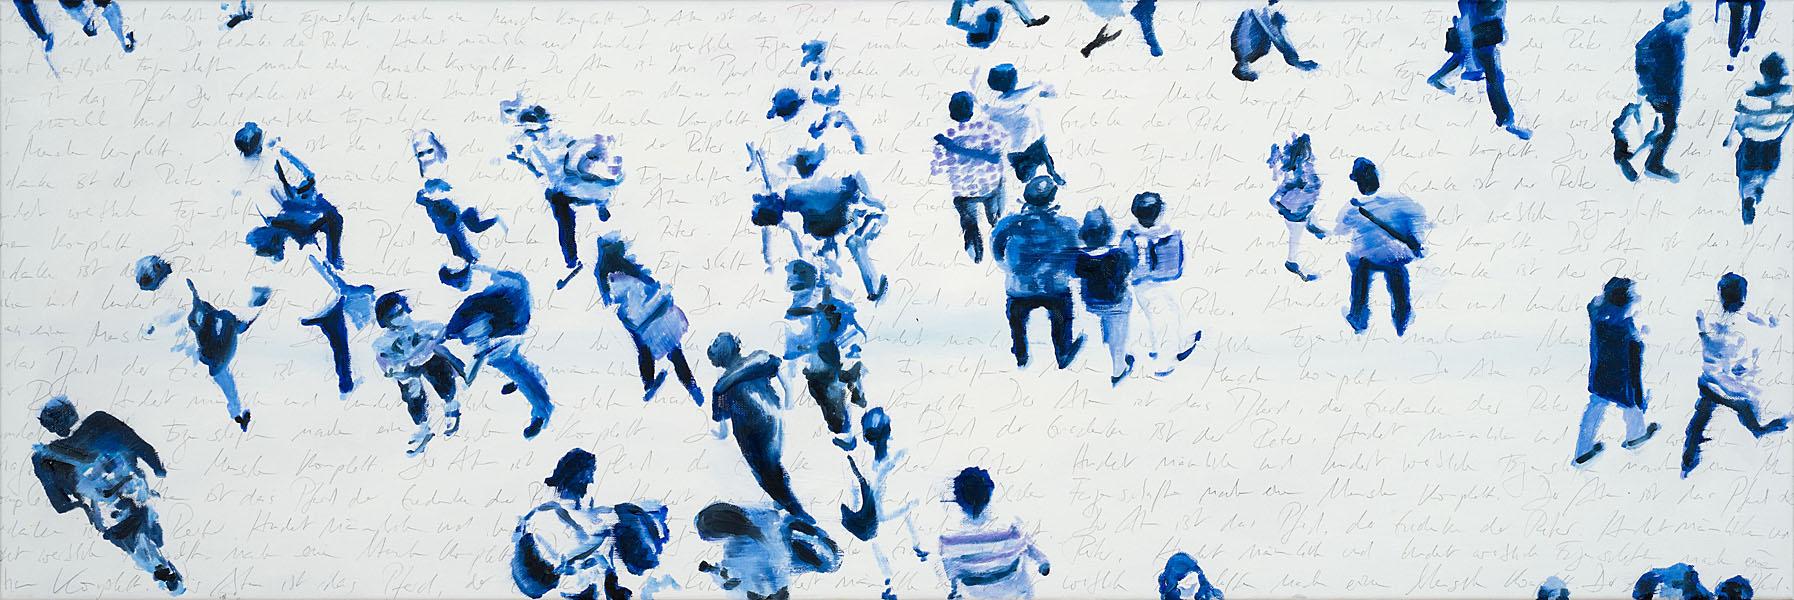 Allez les Bleus, 2018, Oil and pencil on canvas, 40 x 180 cm